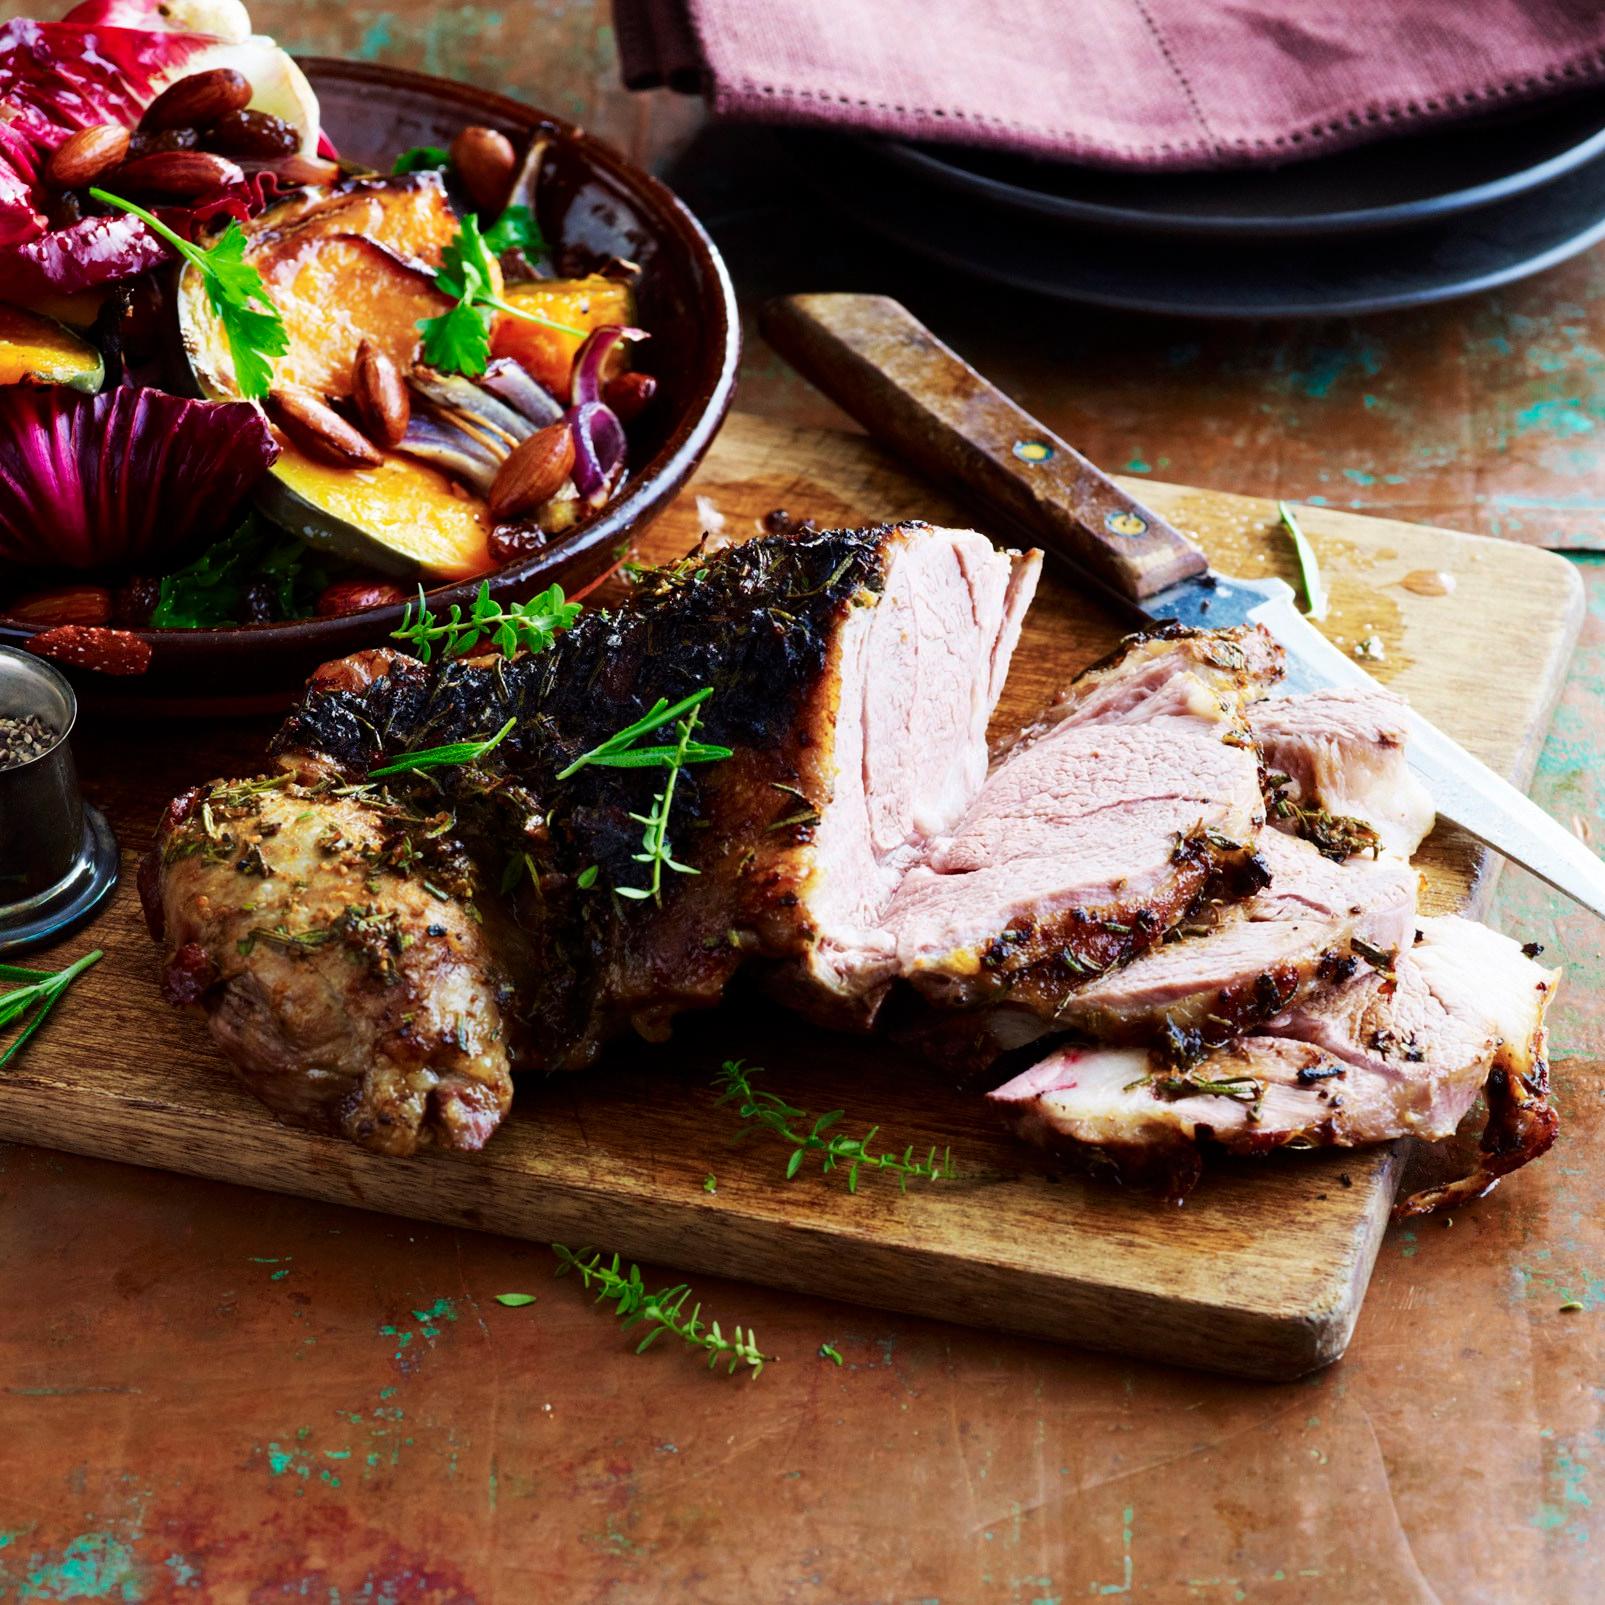 Roast Lamb and Pumpkin Salad